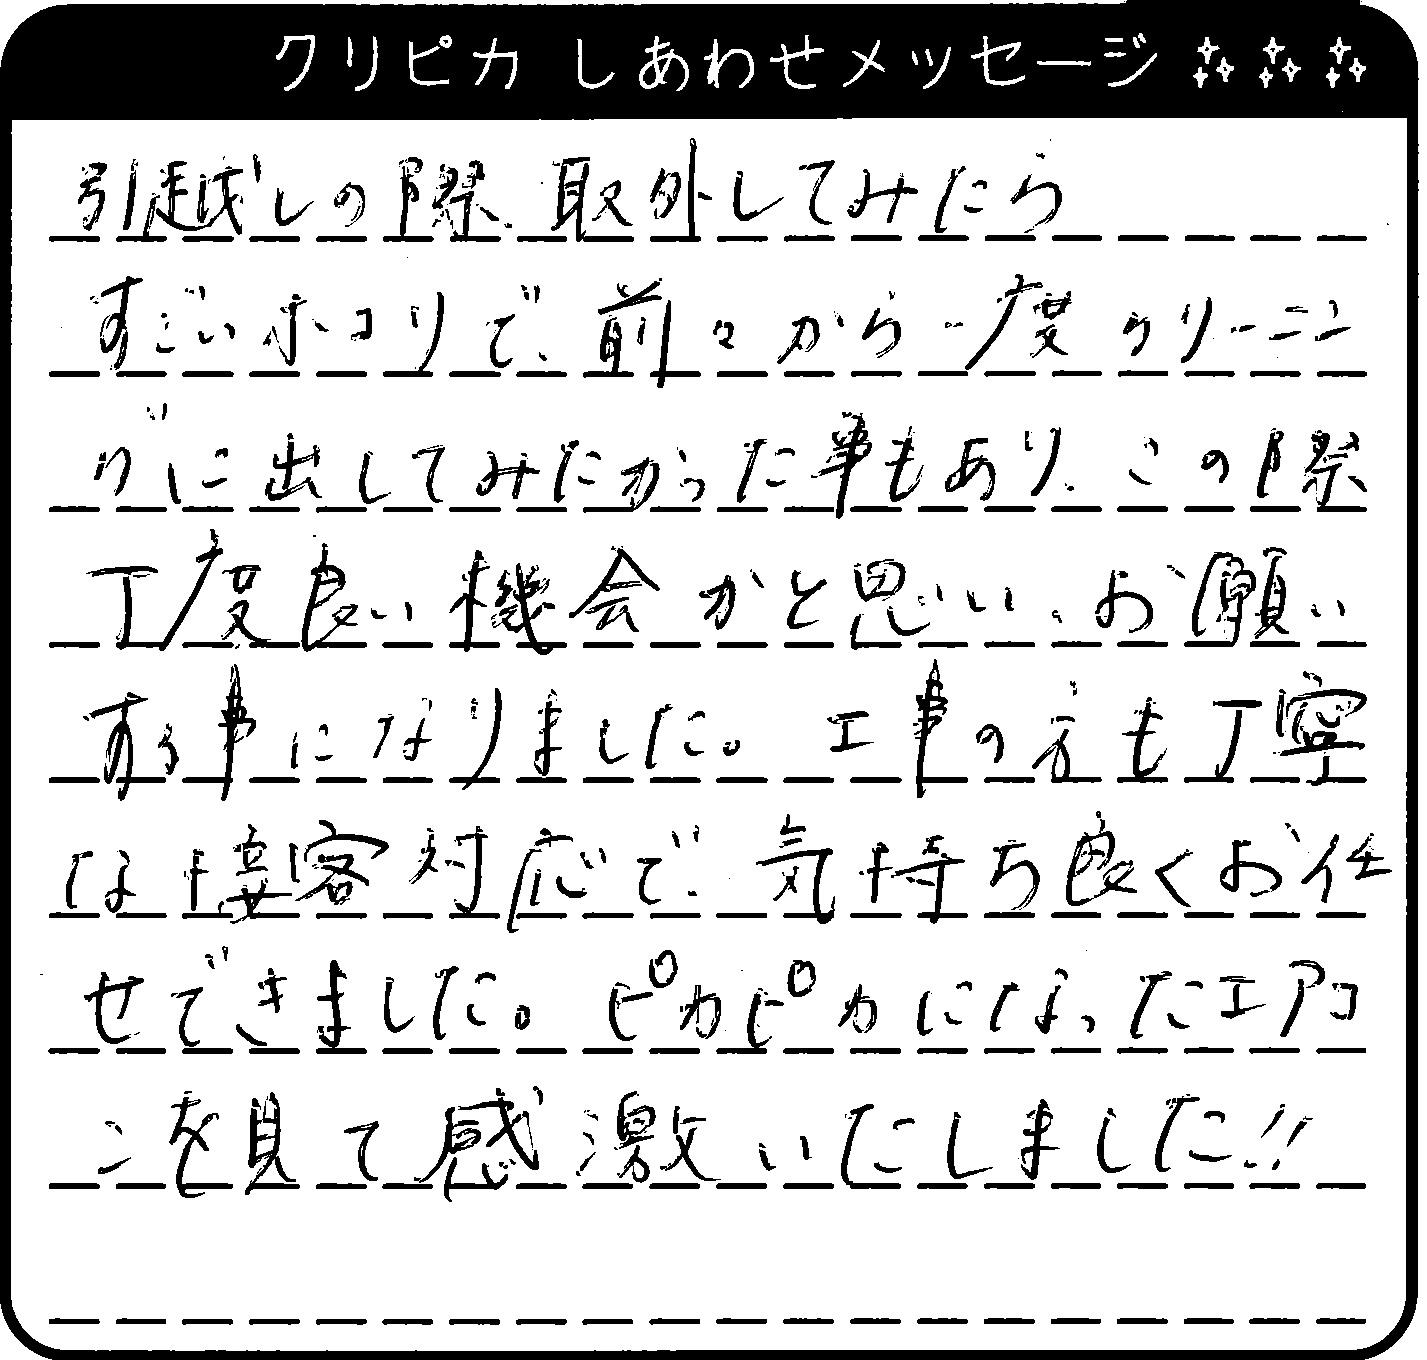 兵庫県 W様からのしあわせメッセージ